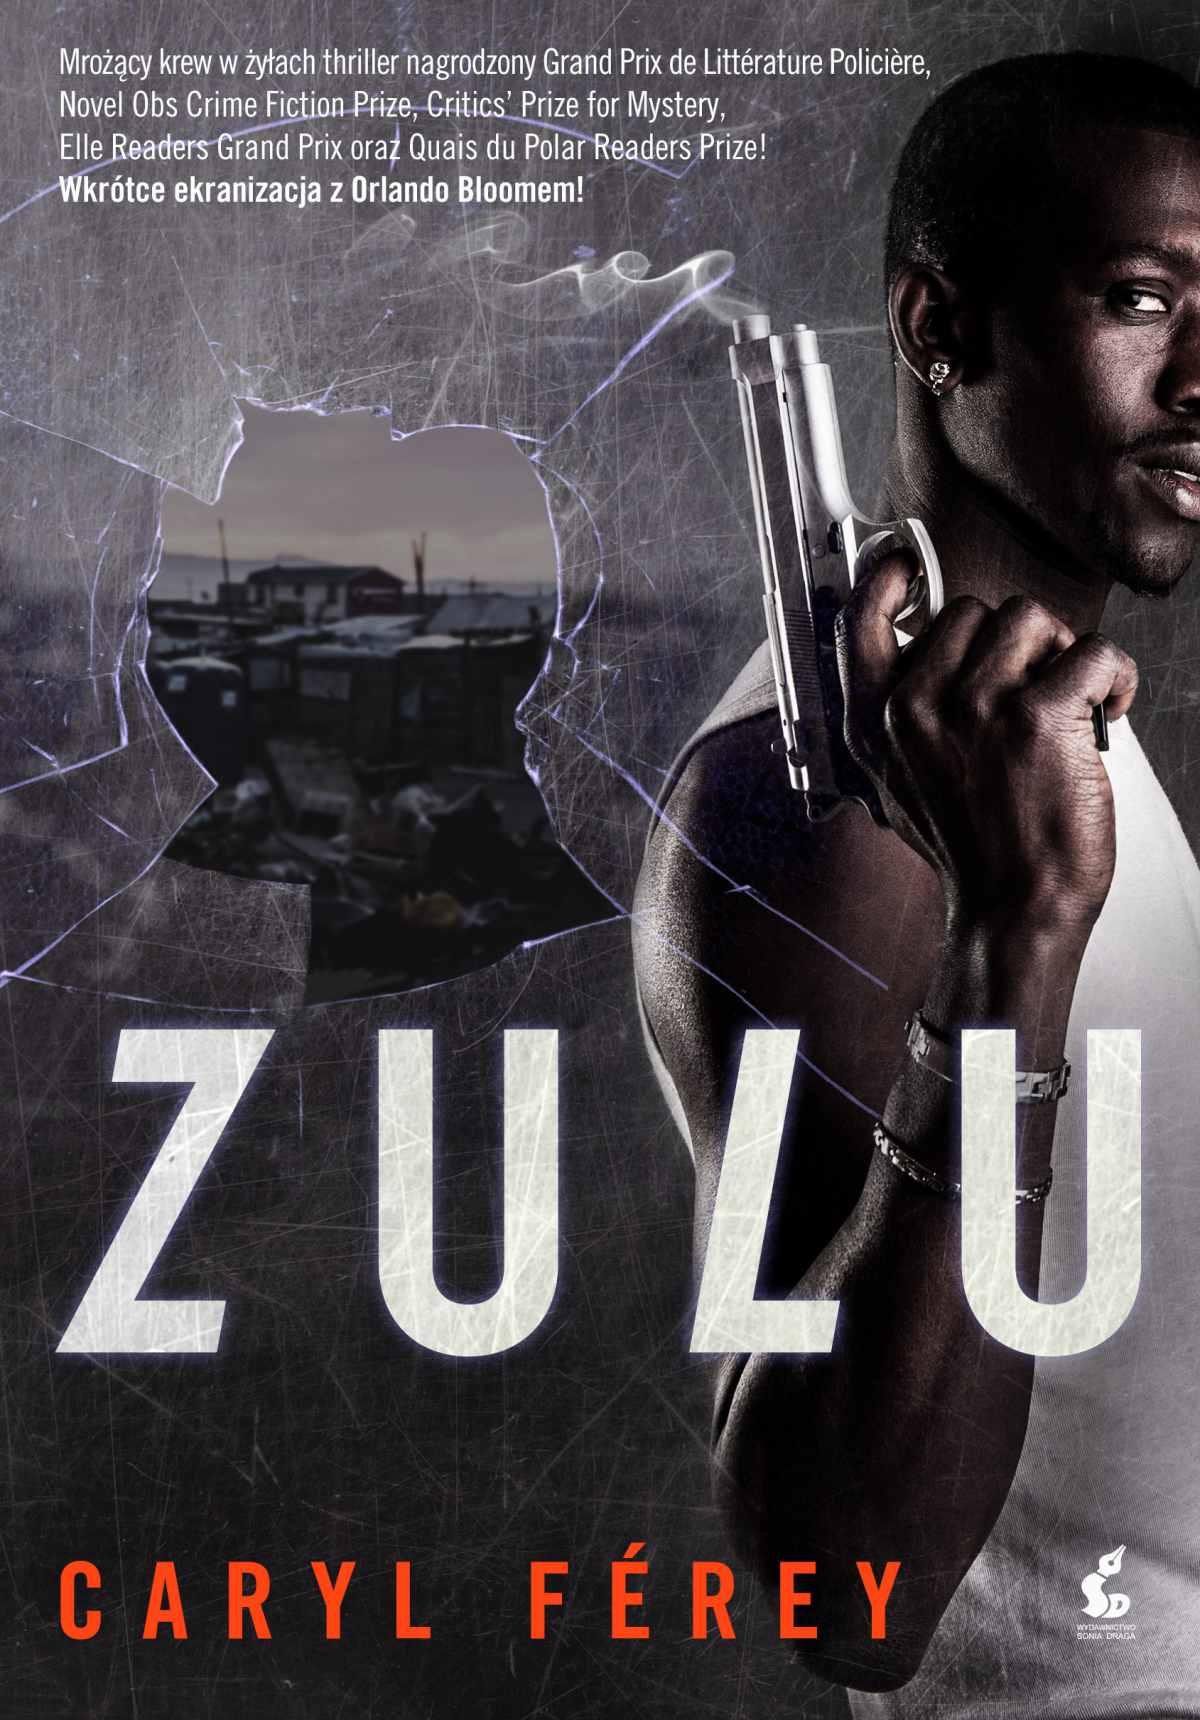 Zulu - Ebook (Książka na Kindle) do pobrania w formacie MOBI